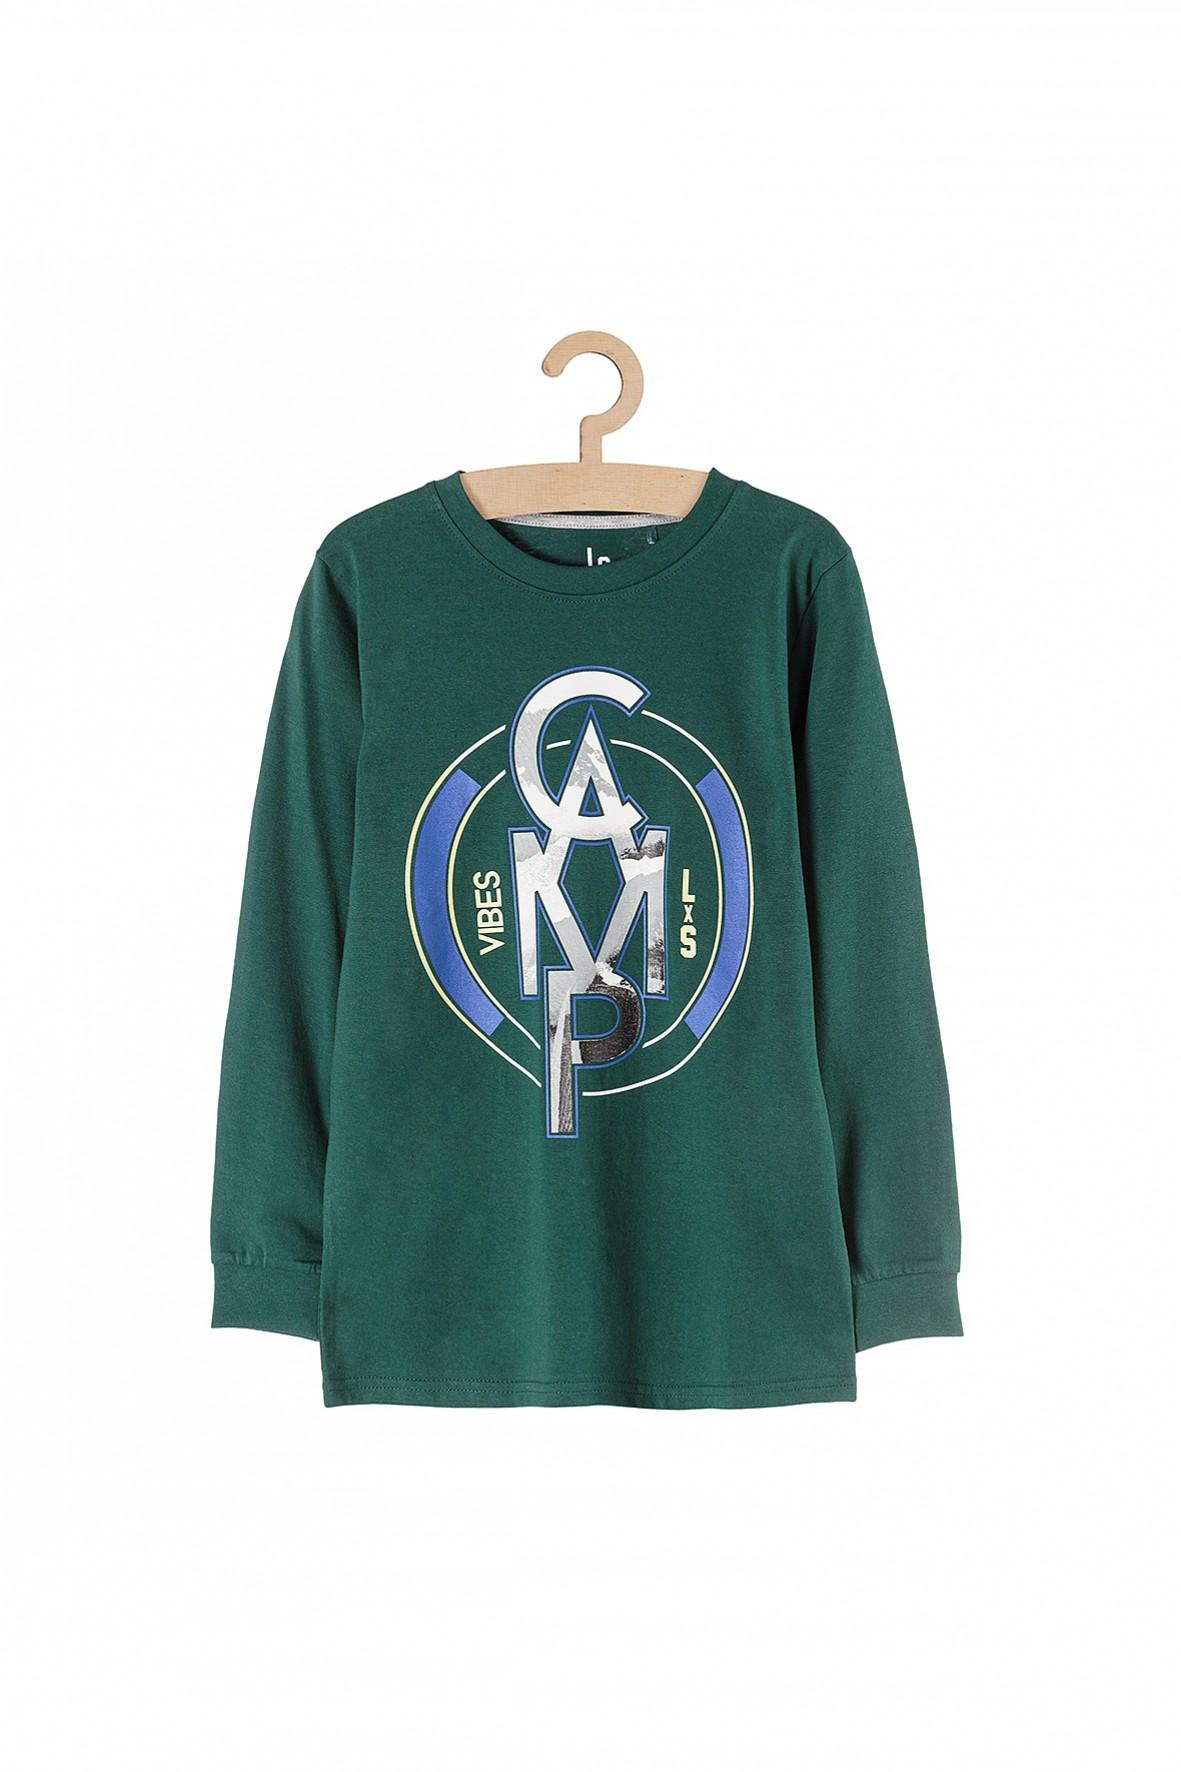 Bluza cienka dzianinowa dla chłopca- zielona Camp